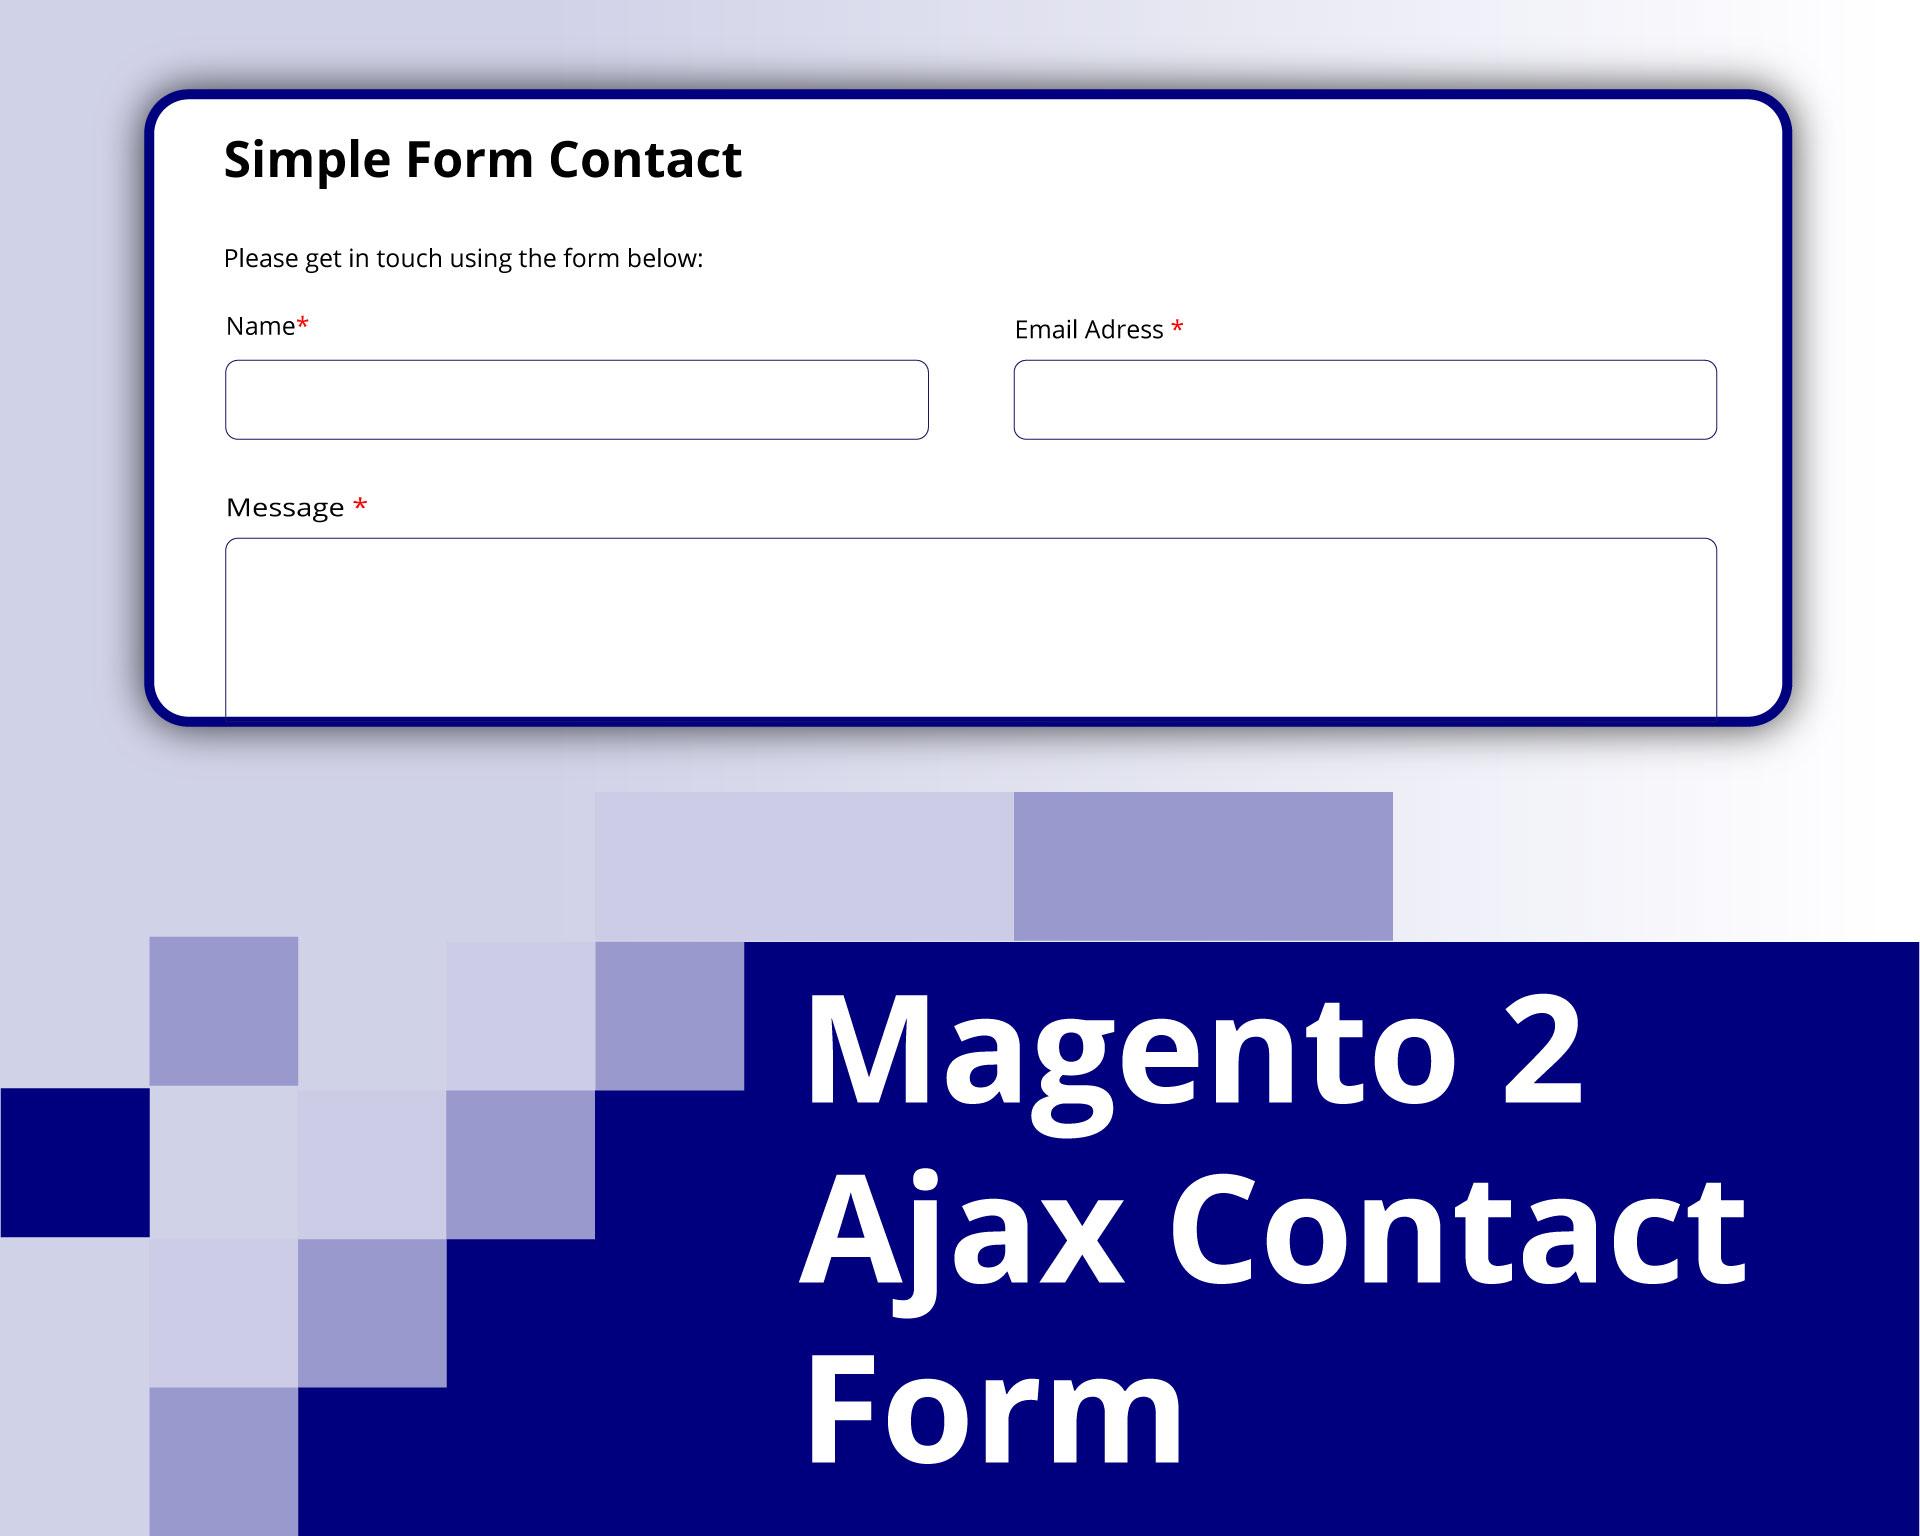 Magento 2 Ajax Contact form